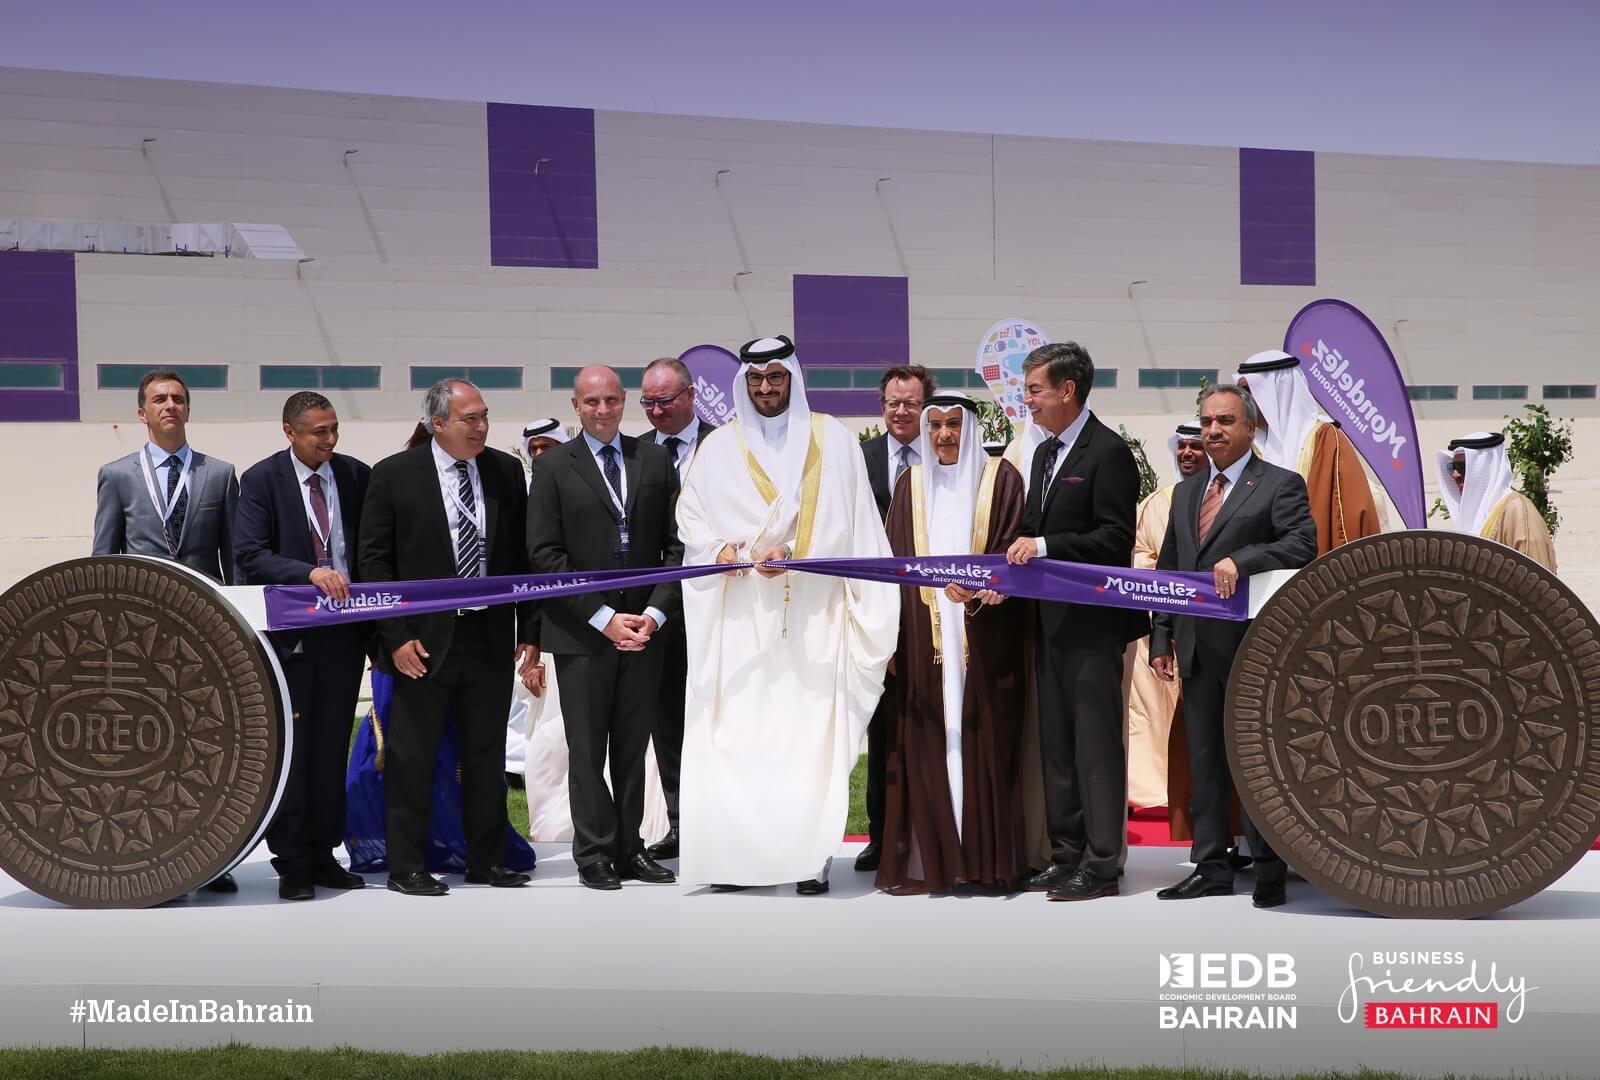 """لدى افتتاح سموه مصنع شركة """"مونديليز إنترناشونال"""" – سمو الشيخ عيسى: البحرين تمتلك توجهات استراتيجية اقتصادية متكاملة تعمل على تنمية مناخ الاستثمار"""